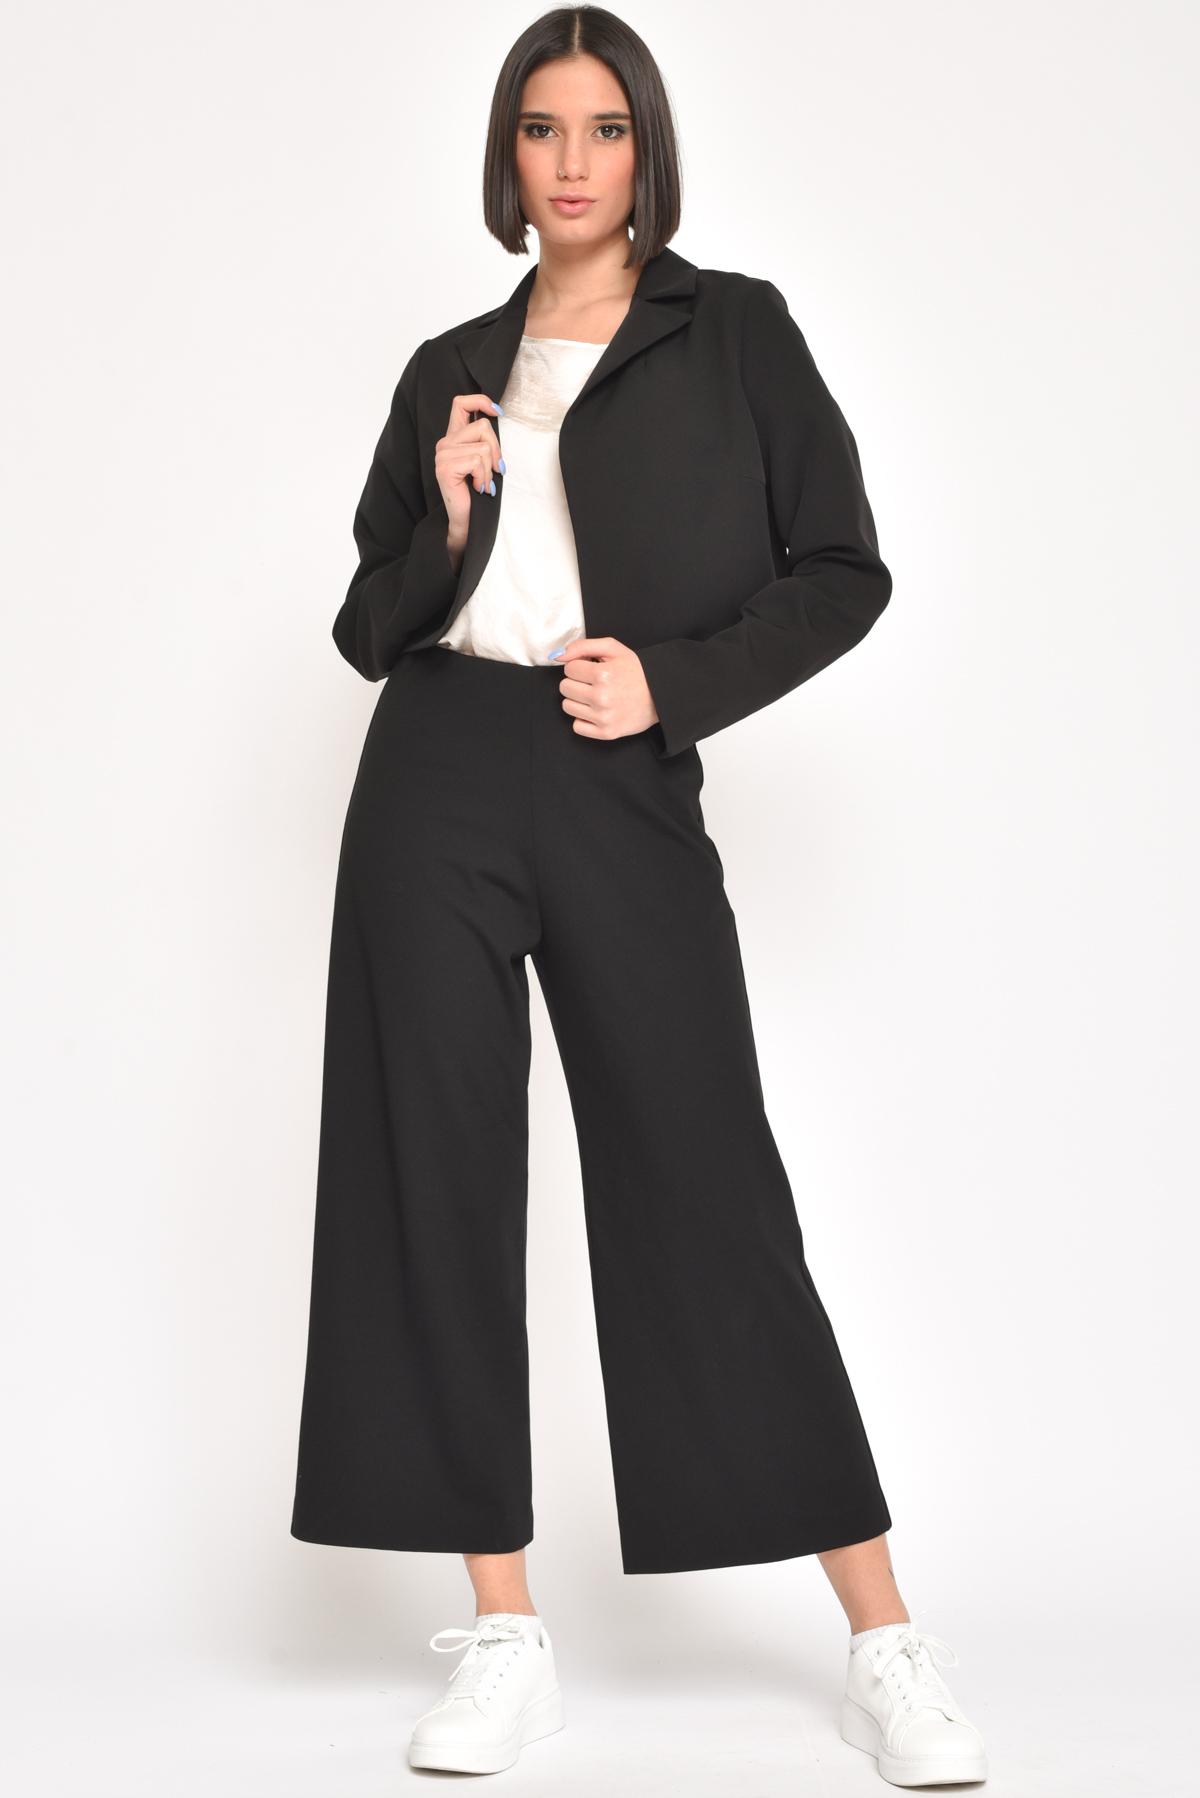 GIACCA APERTA CON COLLO A REVER for women - BLACK - Paquito Pronto Moda Shop Online